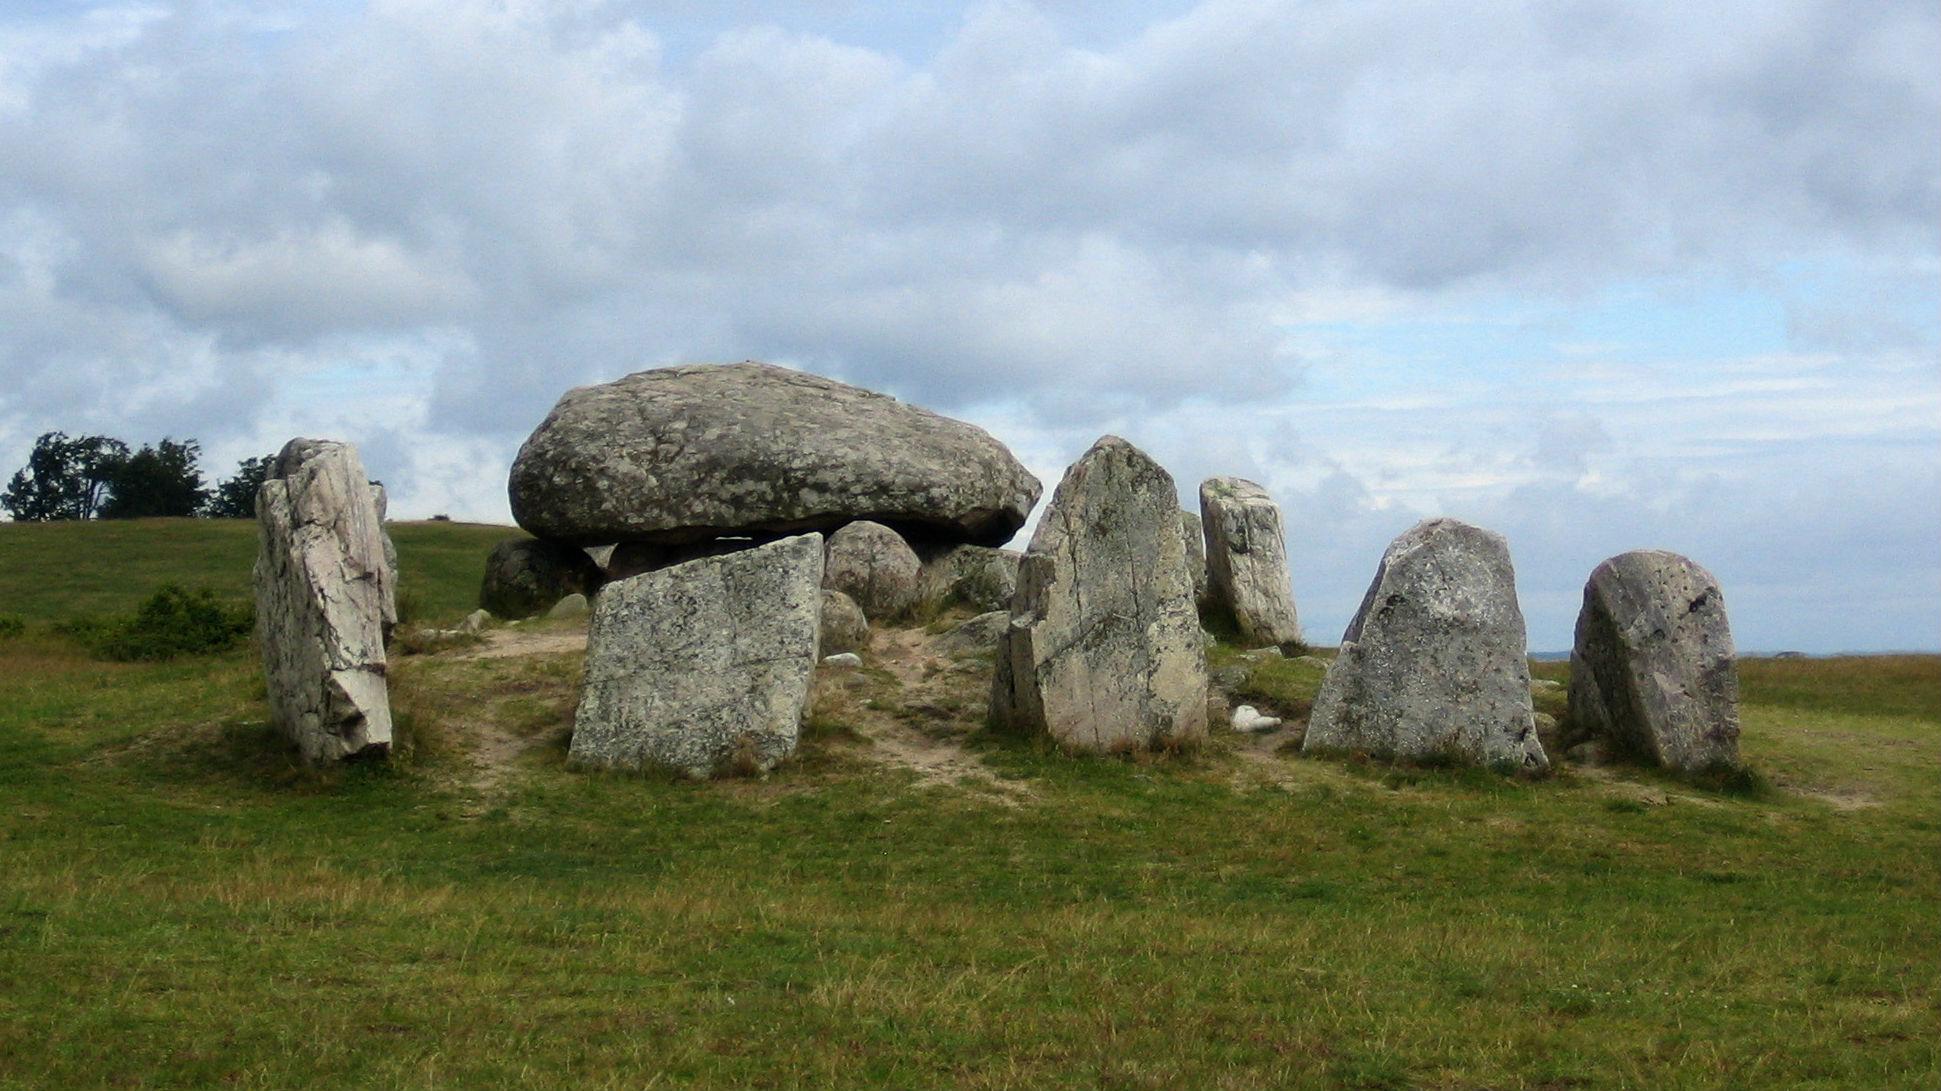 Havängsdösen är en 5 500 år gammal megalitgrav som länge låg gömd under sanden men blottades under en kraftig höststorm år 1843.